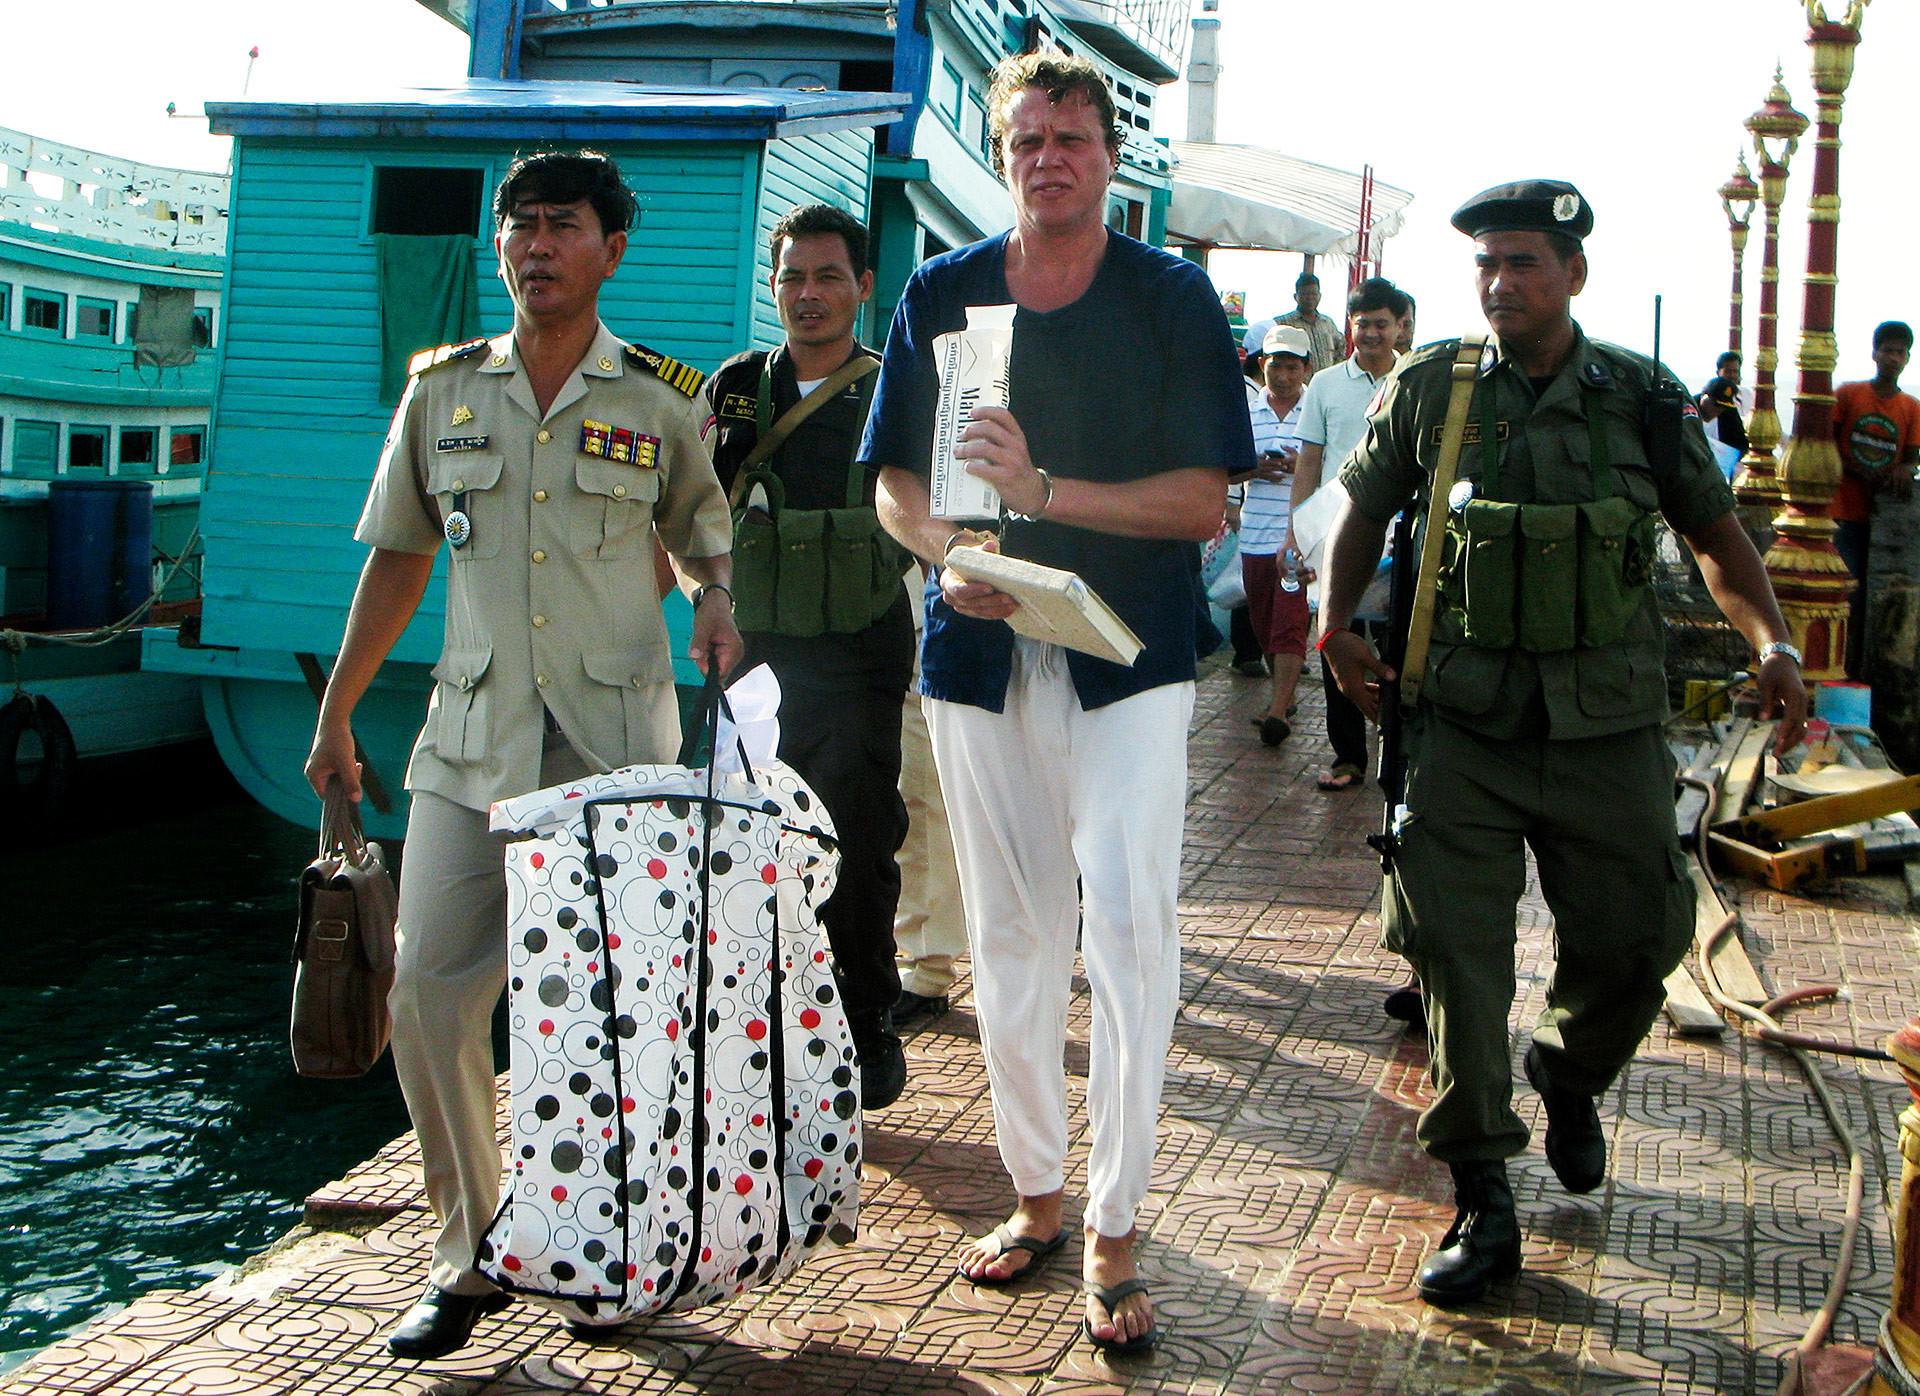 Polonski escoltado por policiais no Camboja